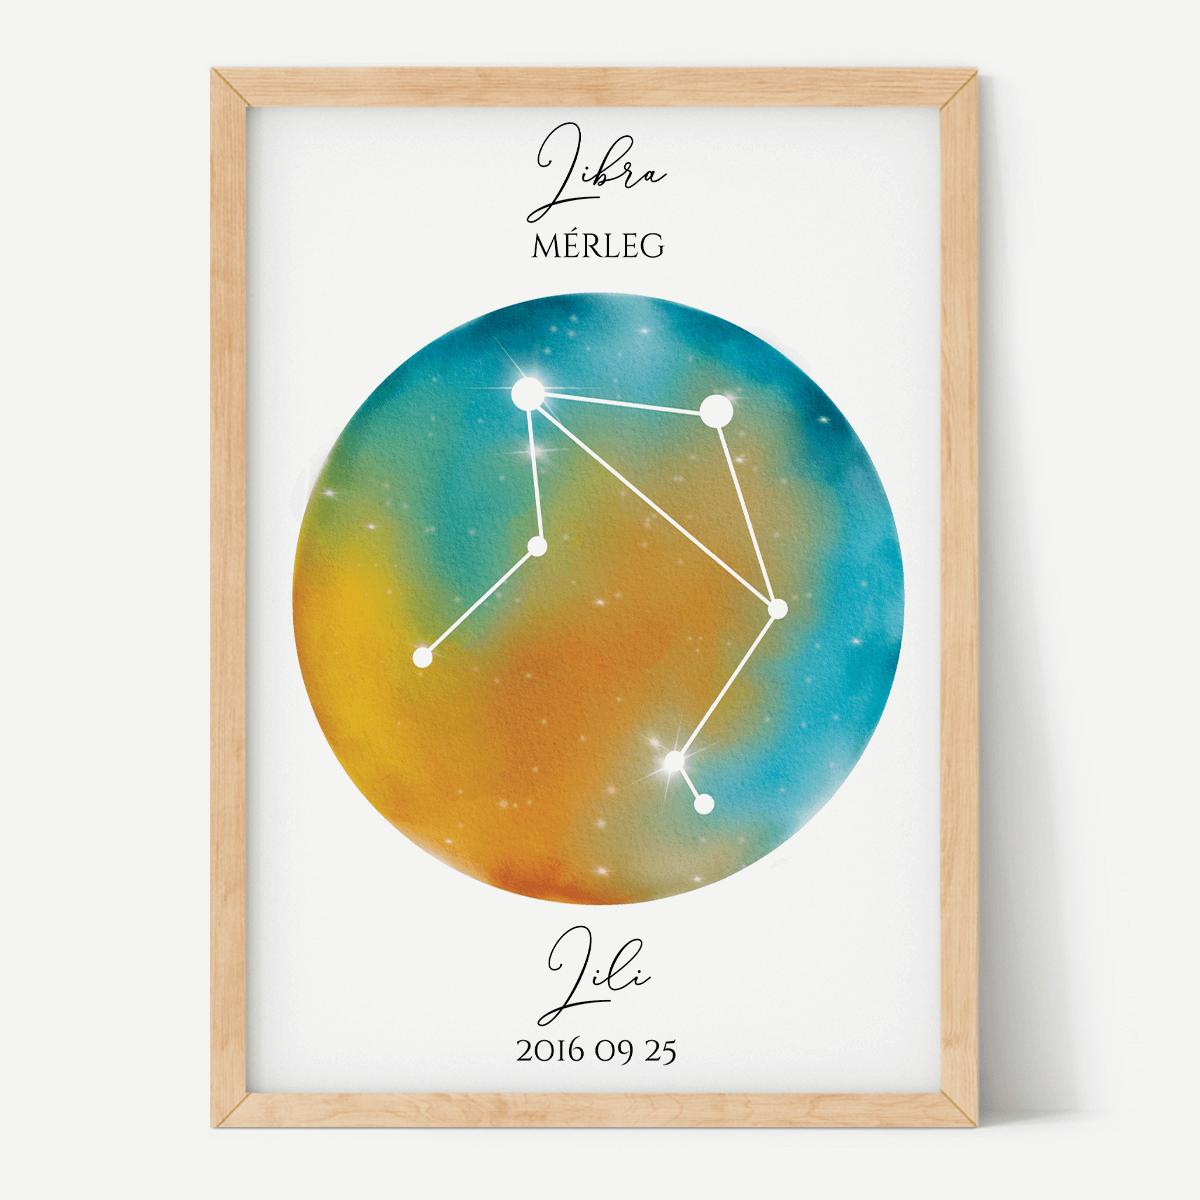 Türkiz-Narancs Égbolt - Személyre szabott csillagjegyes poszter - Választható csillagjegy